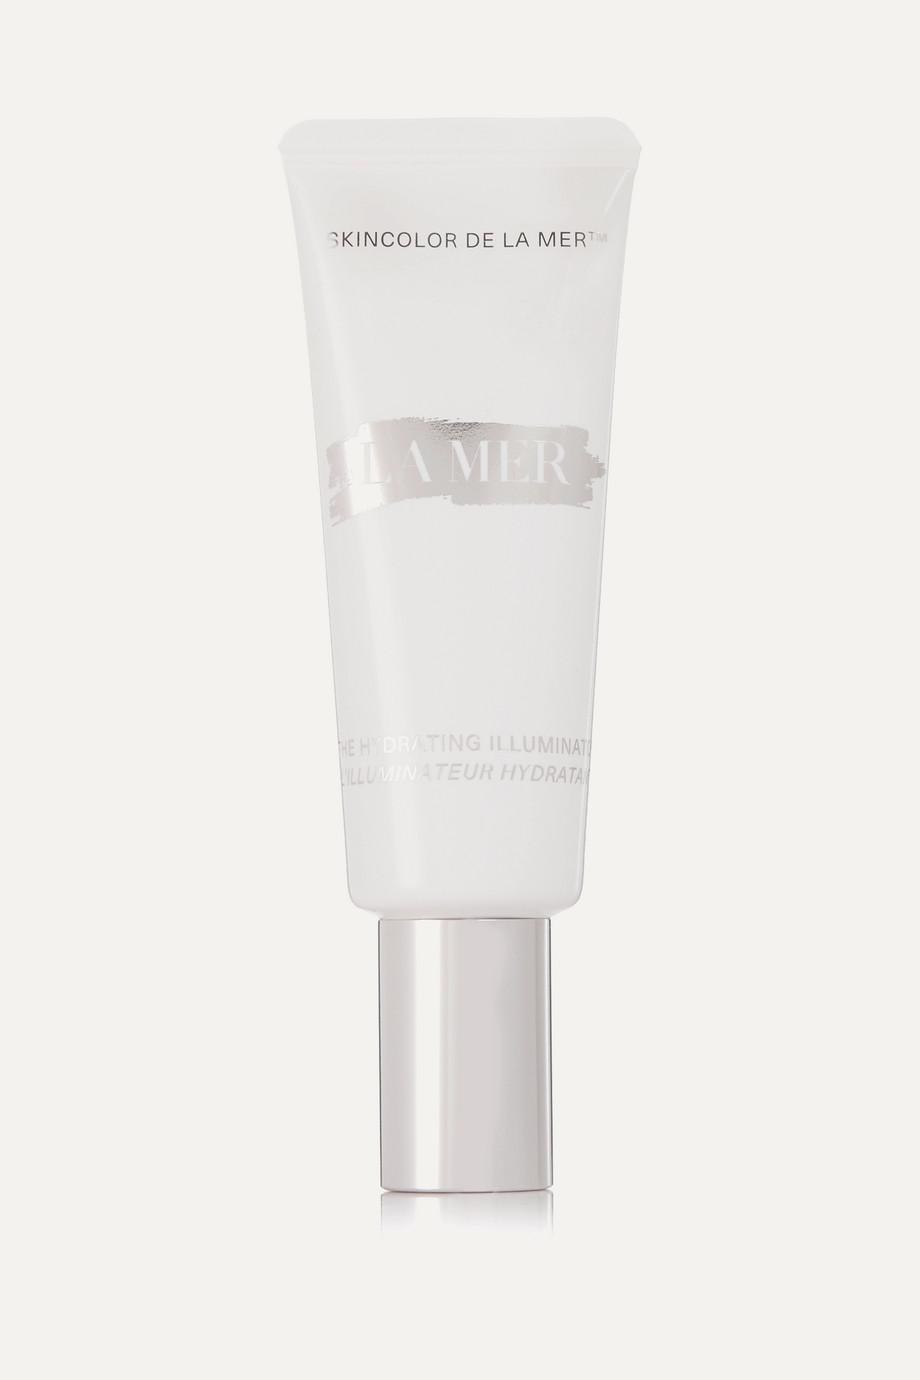 La Mer The Hydrating Illuminator, 40 ml – Primer